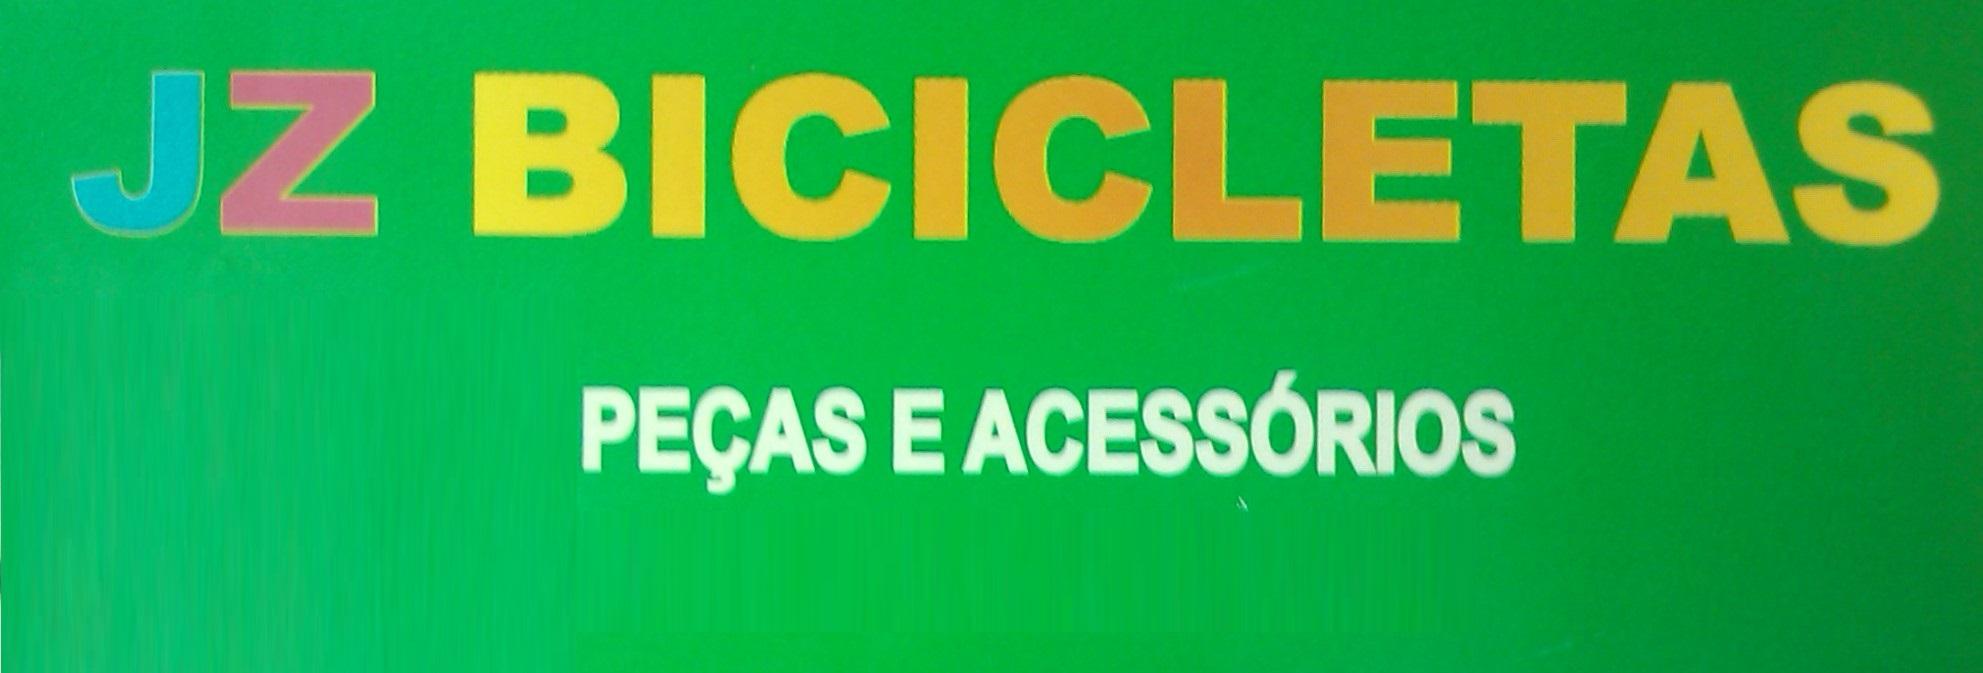 J Z Bicicletas e Acessórios em Campos Eliseos